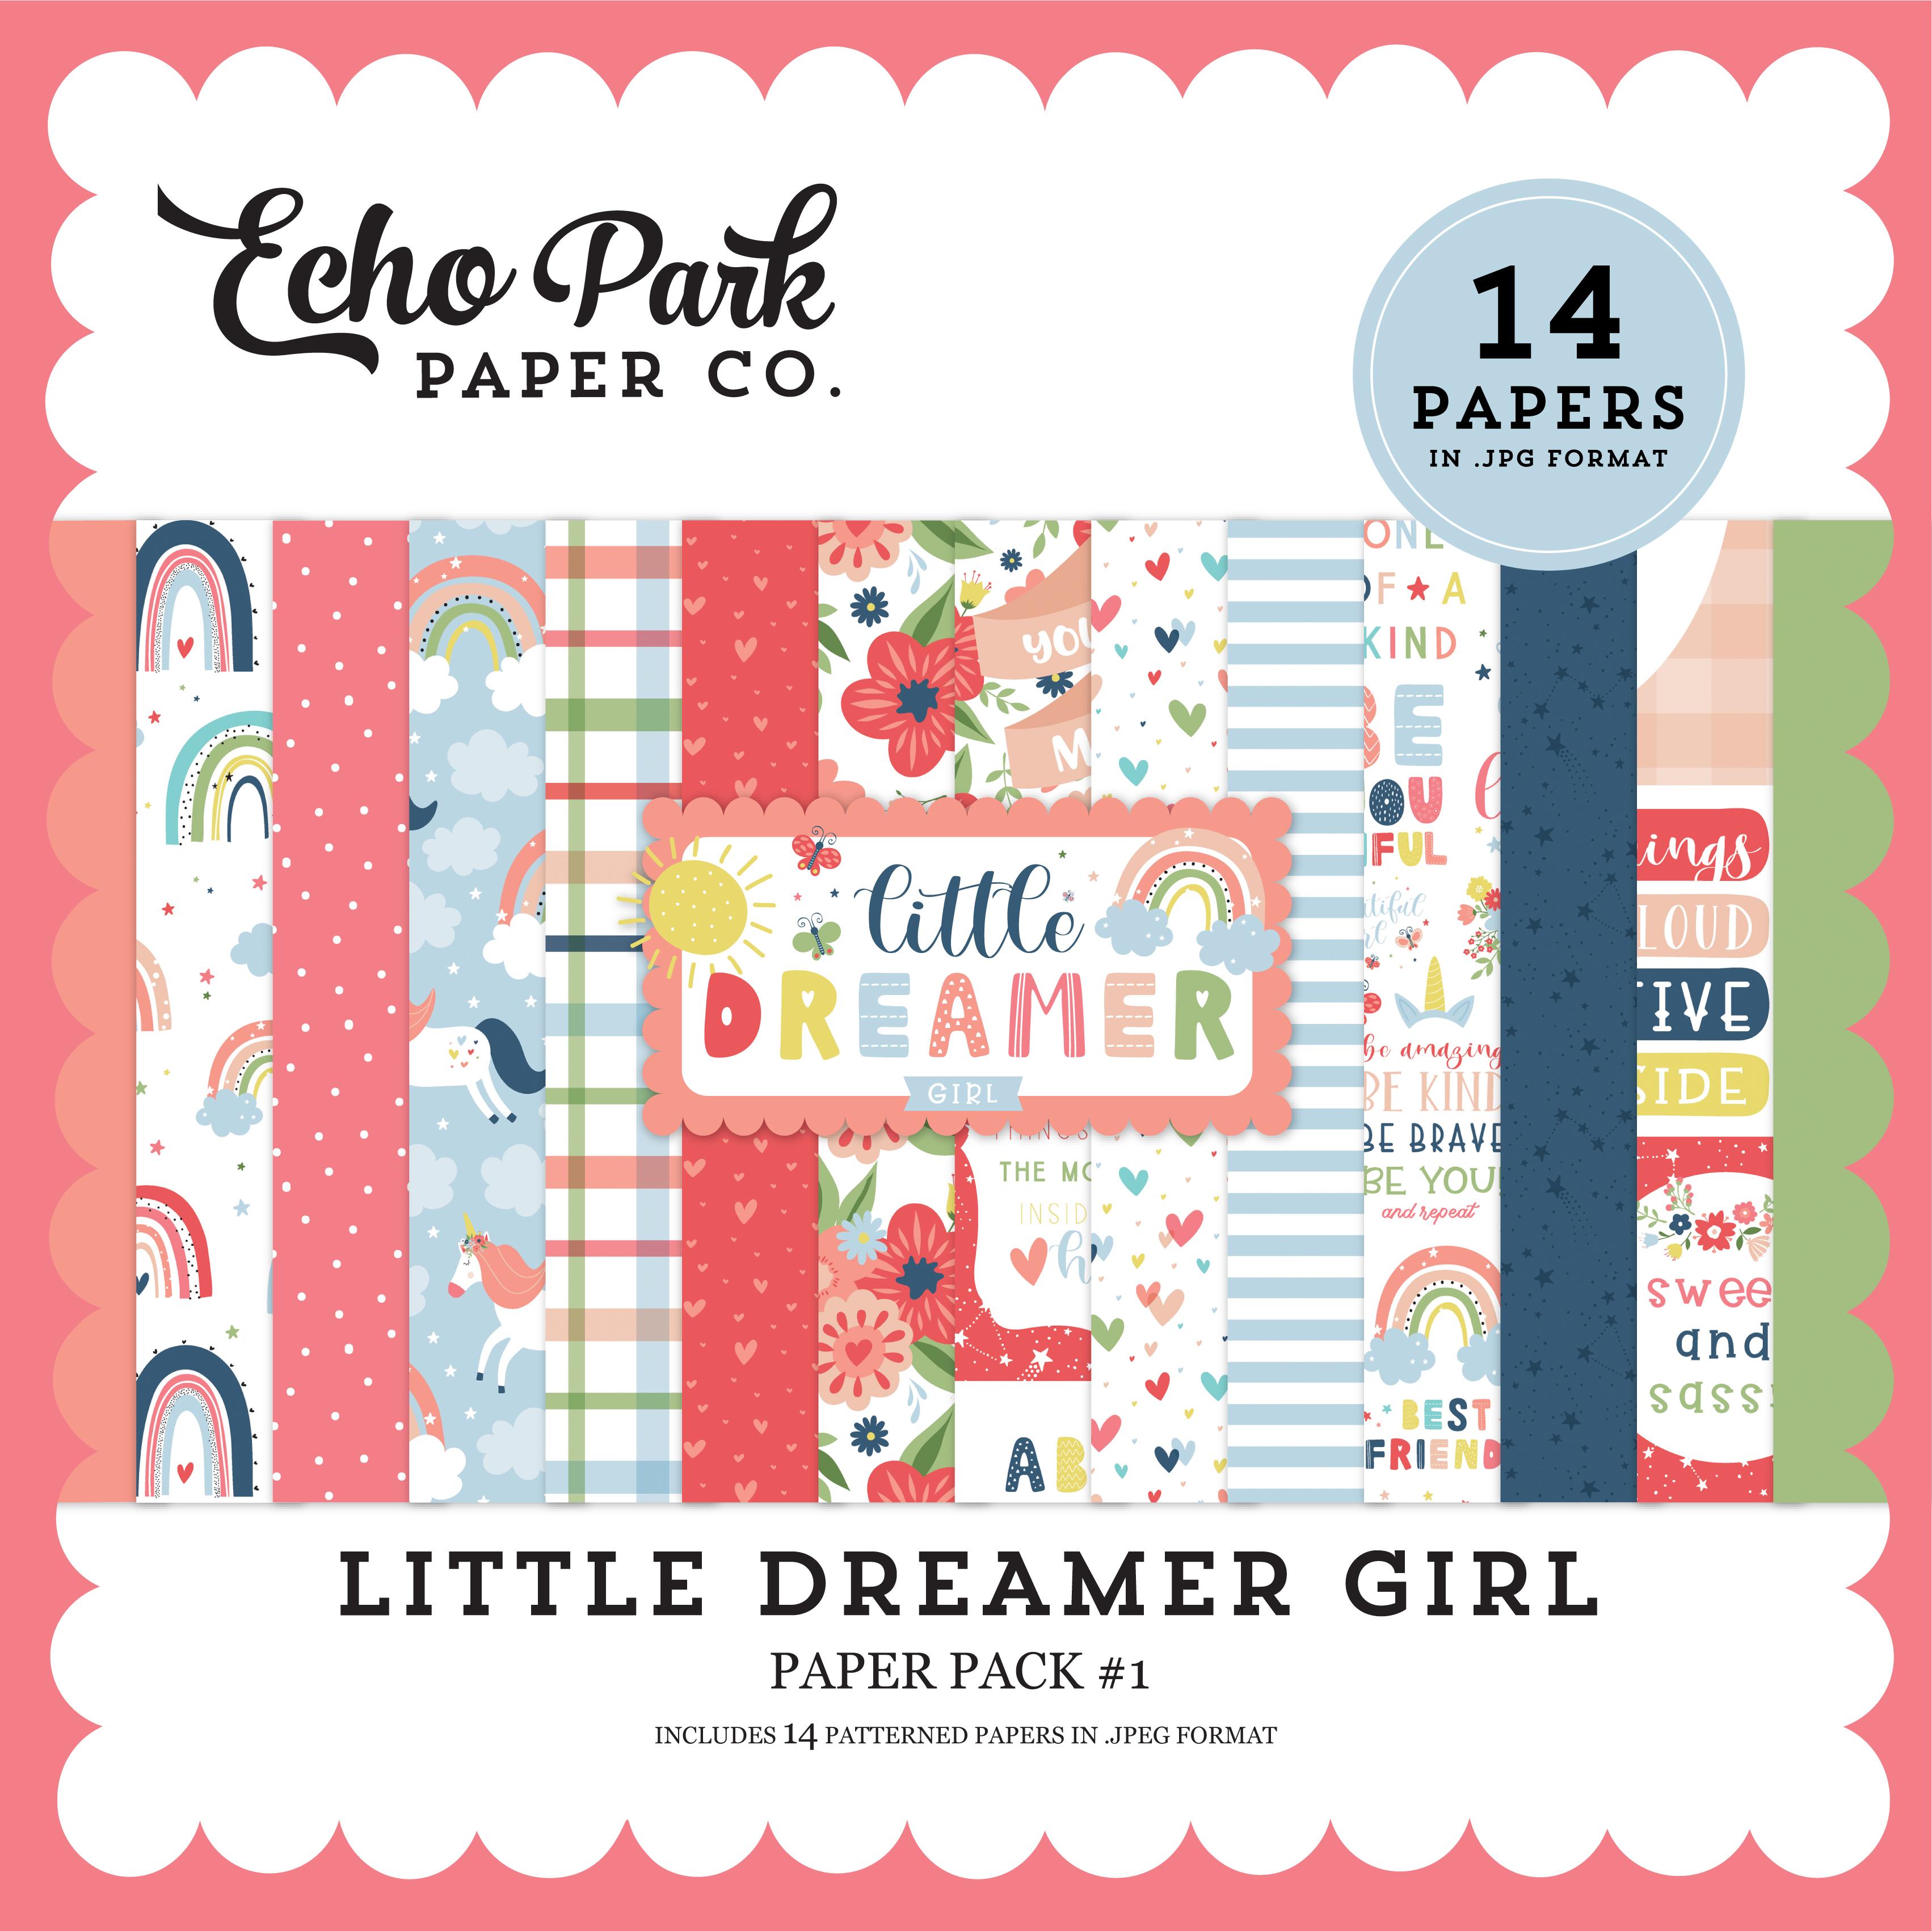 Little Dreamer Girl Paper Pack #1